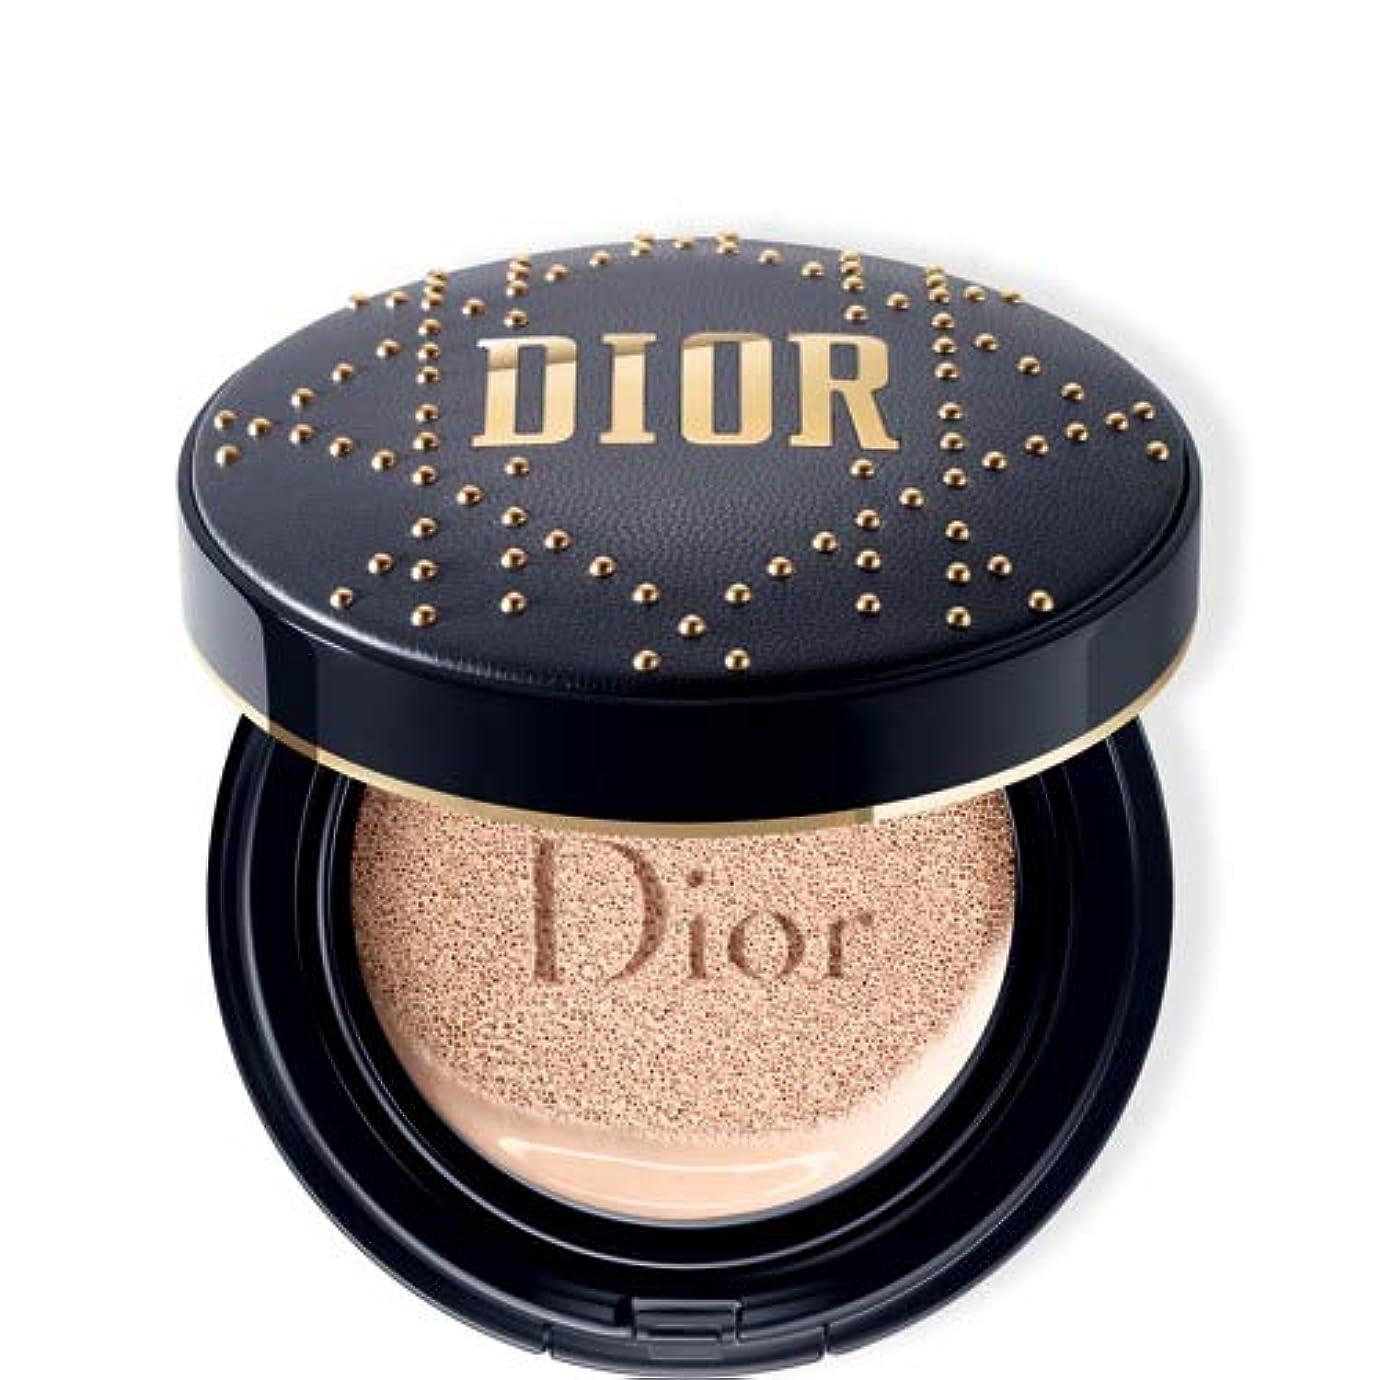 幅返還指紋Dior(ディオール)スキン フォーエヴァー クッション - 限定スタッズ カナージュ ケース #020